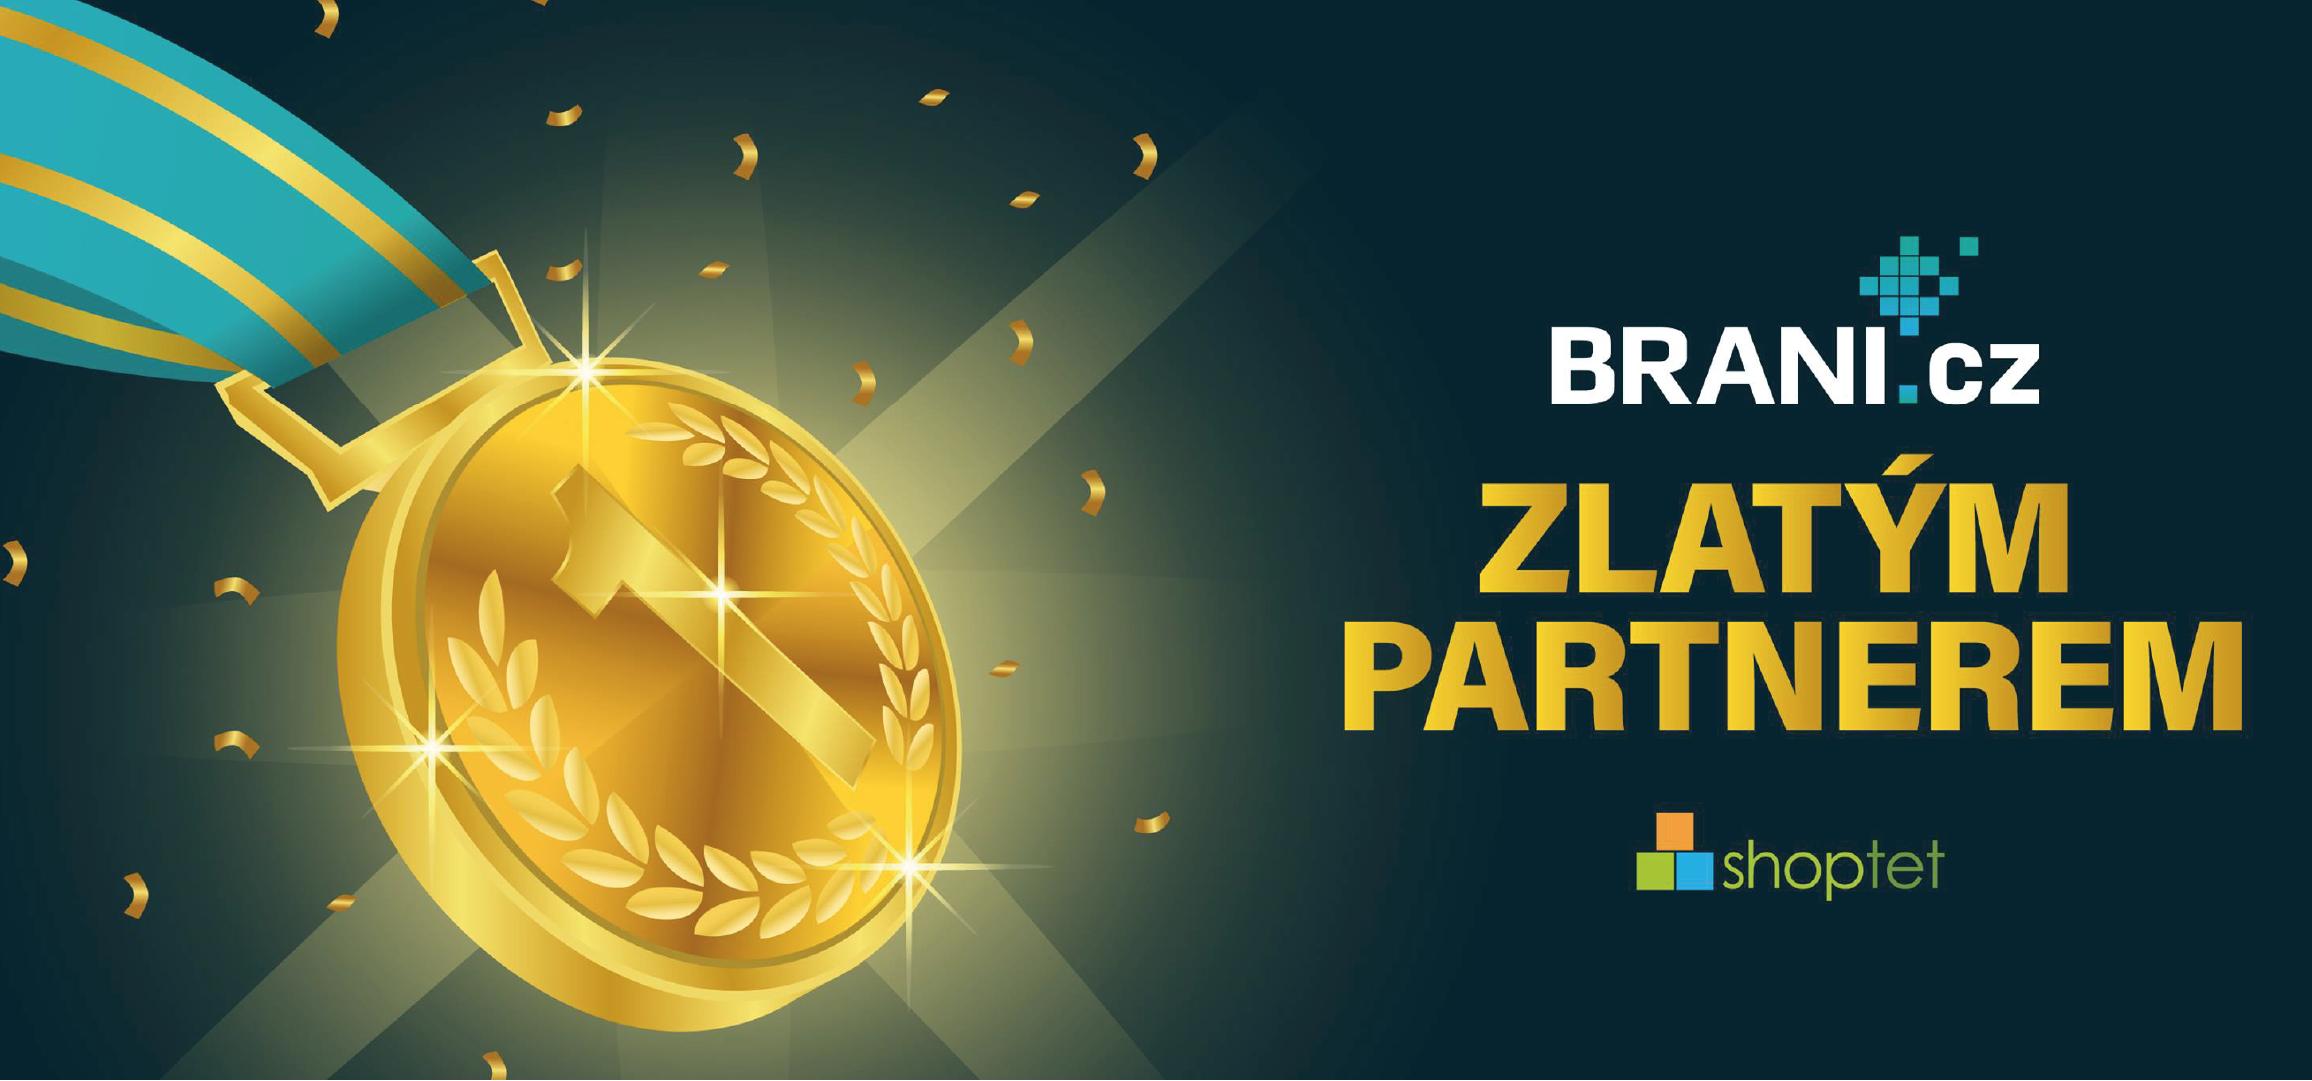 Brani.cz se stal zlatým partnerem Shoptetu